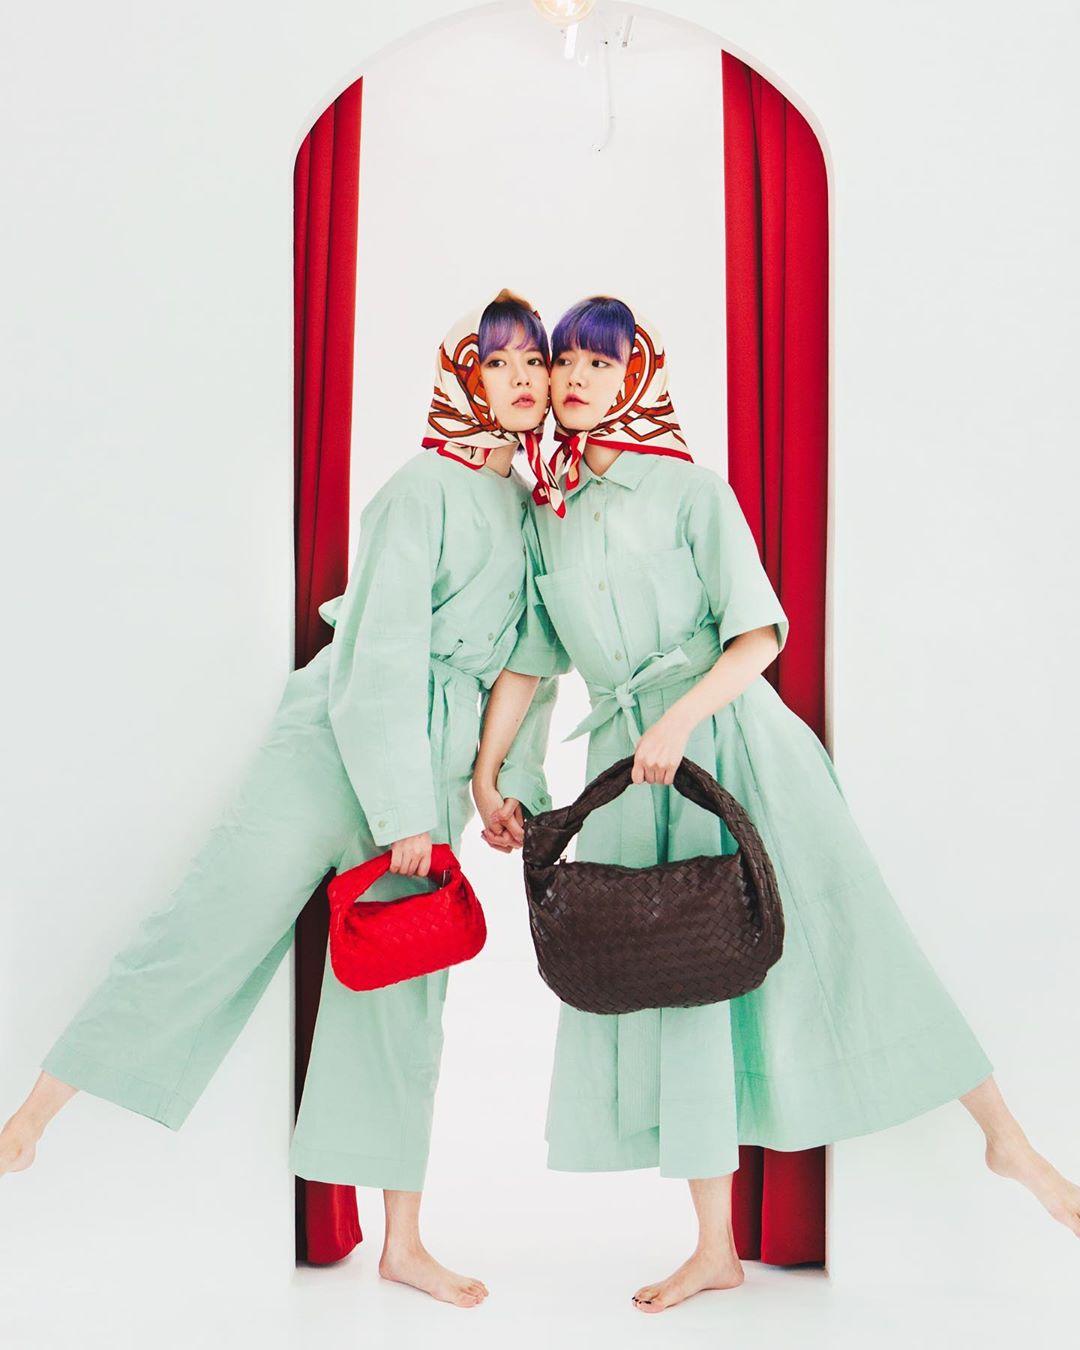 q2han mặc đẹp với khăn bandana quấn đầu màu đỏ